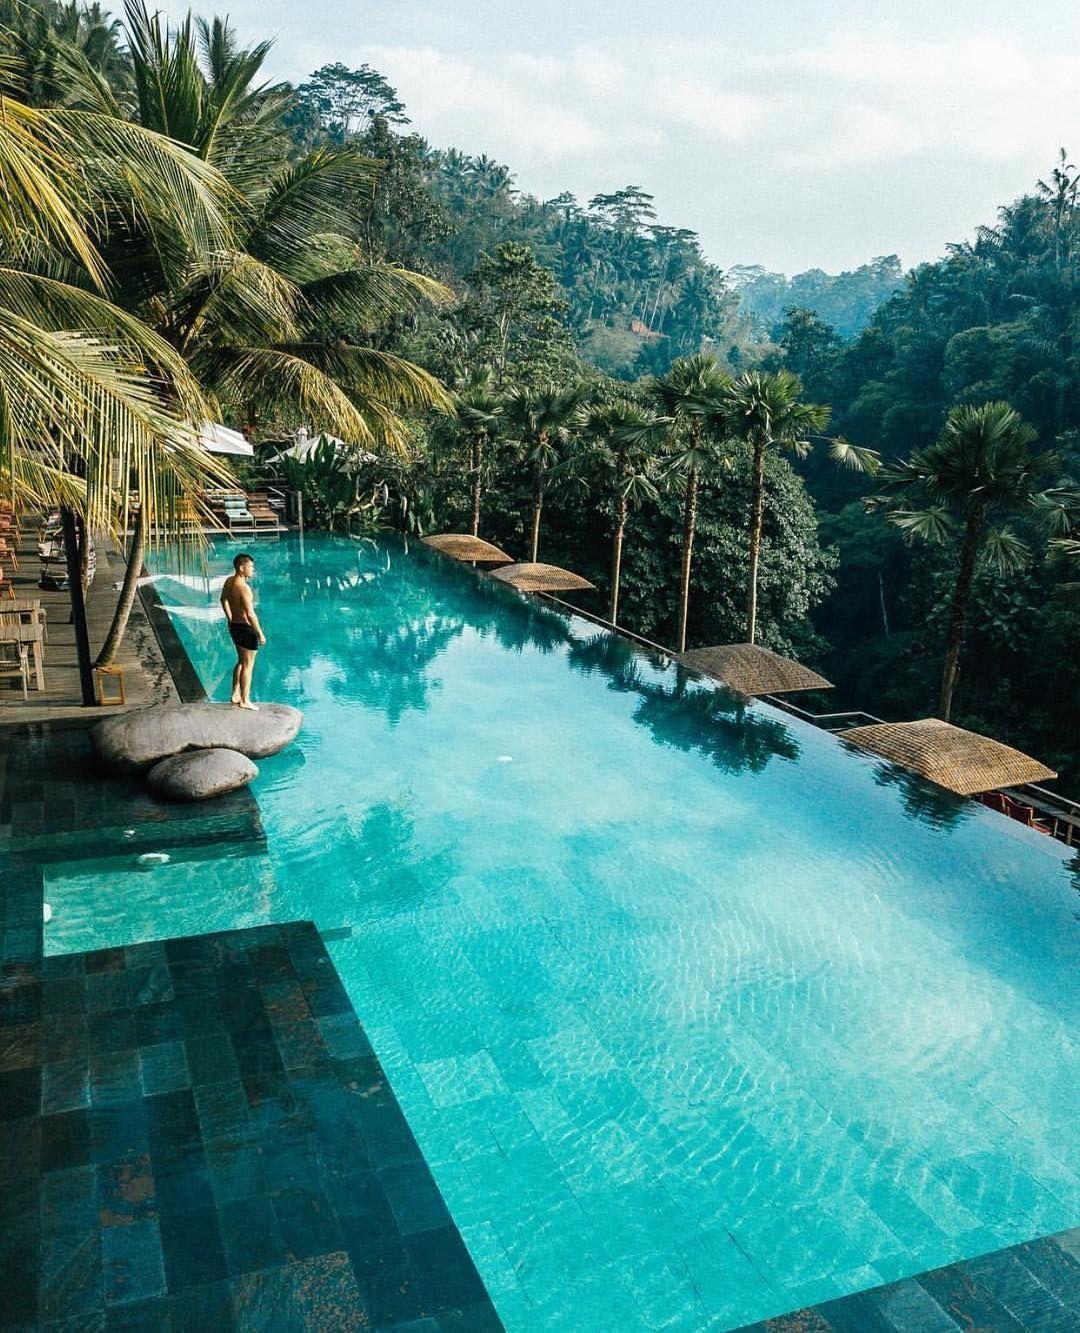 Bali Indonesia On Instagram Roughly Halfway In Between Canggu And Ubud Bali Cangg Luxusschwimmbäder Ferienanlagen Schöne Hotels